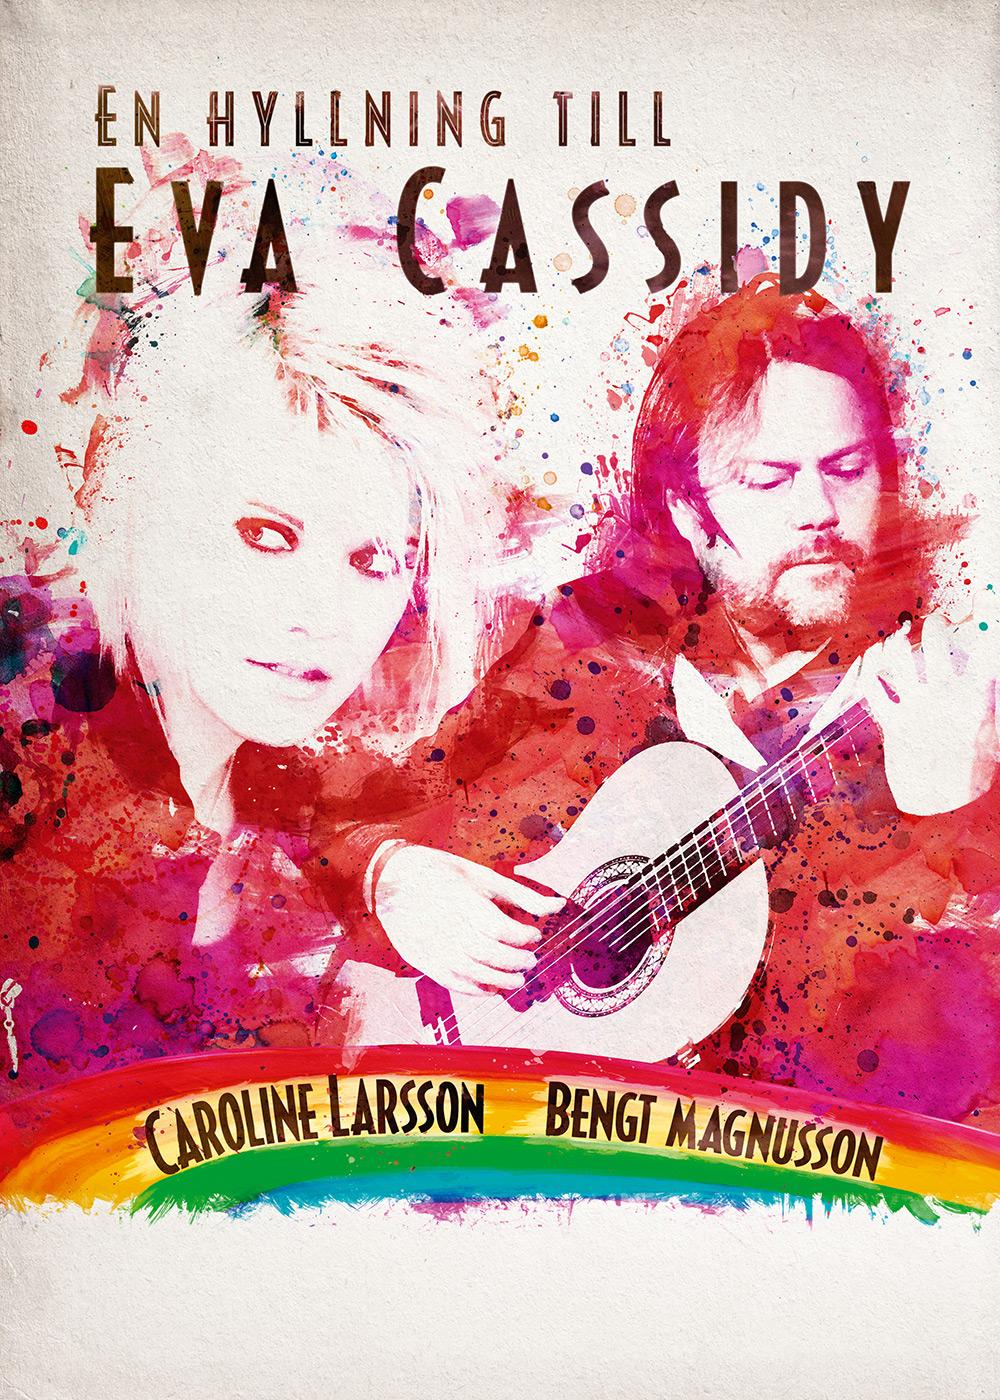 En hyllning till Eva Cassidy - affisch av Bullit reklambyrå